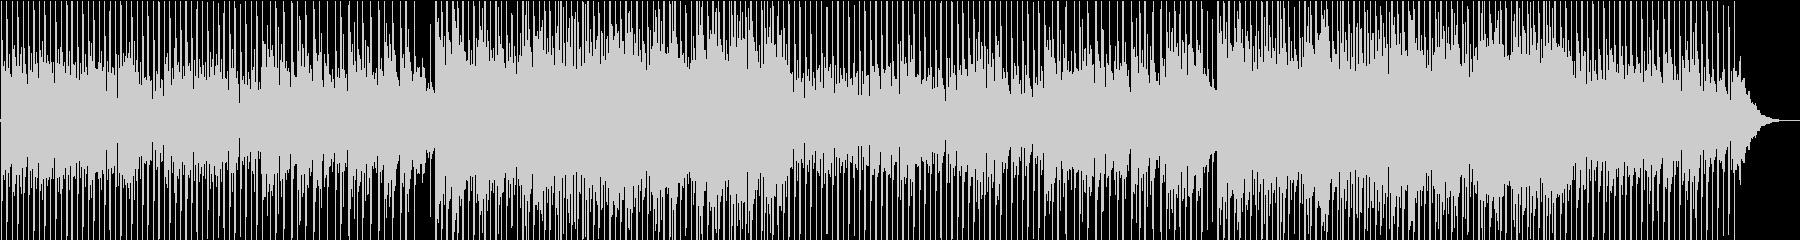 生アコギの優しく穏やかなメロディの未再生の波形